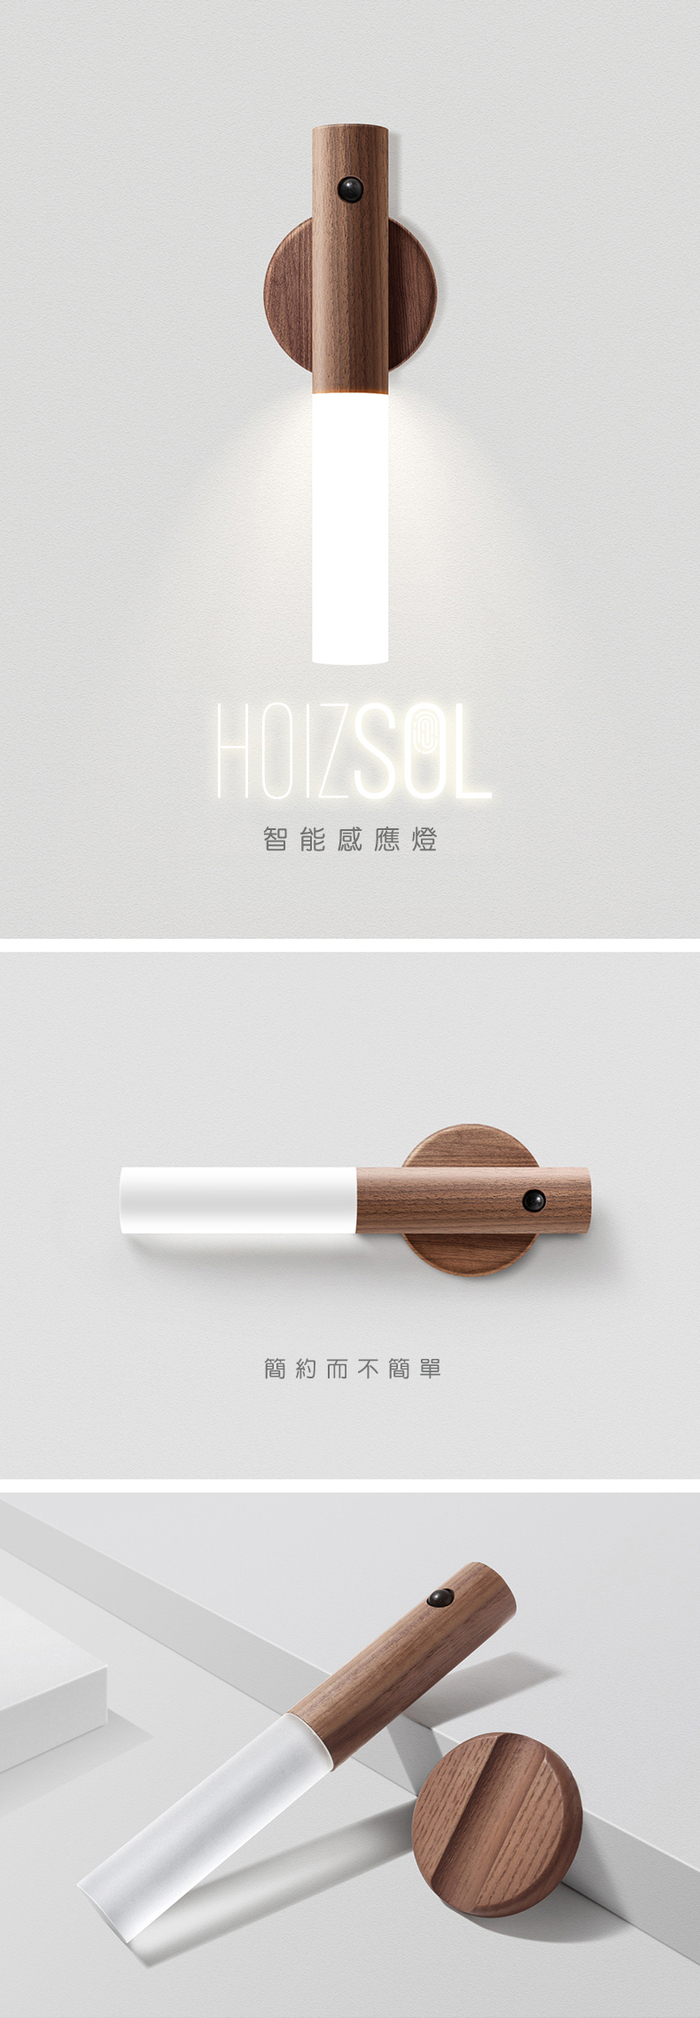 【集購】HOIZ SOL|天然原木 人體智能多功能用途感應燈 夜燈 超長待機 含無痕磁吸底座 (2色)